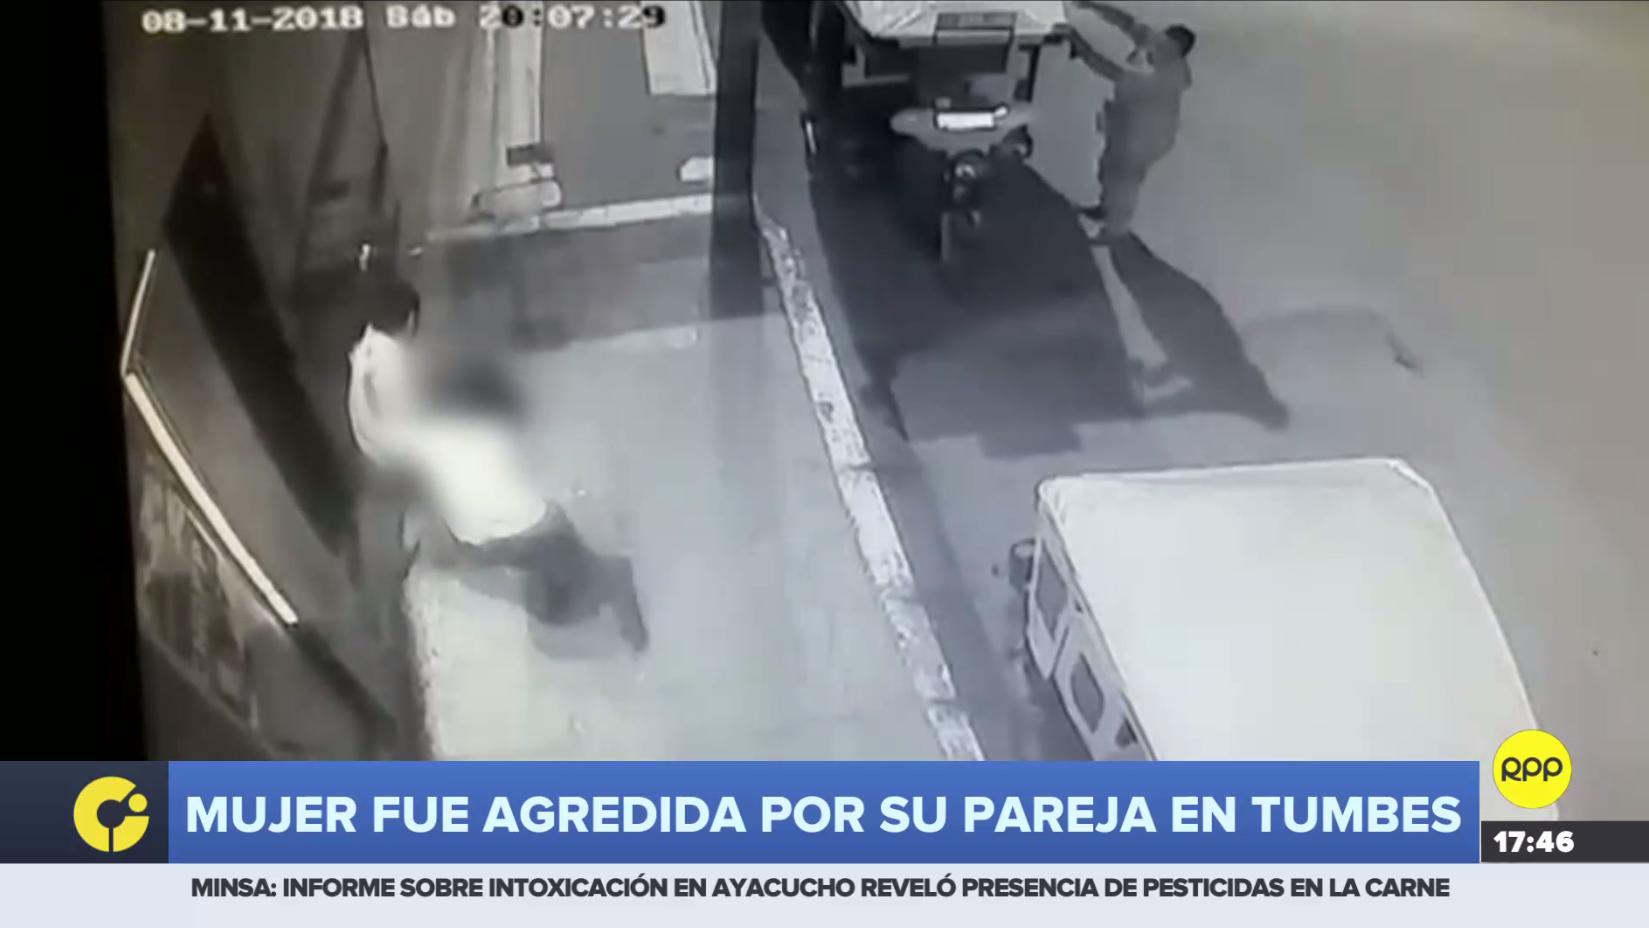 Mujer fue agredida fuera por su pareja afuera de un bar en Tumbes.